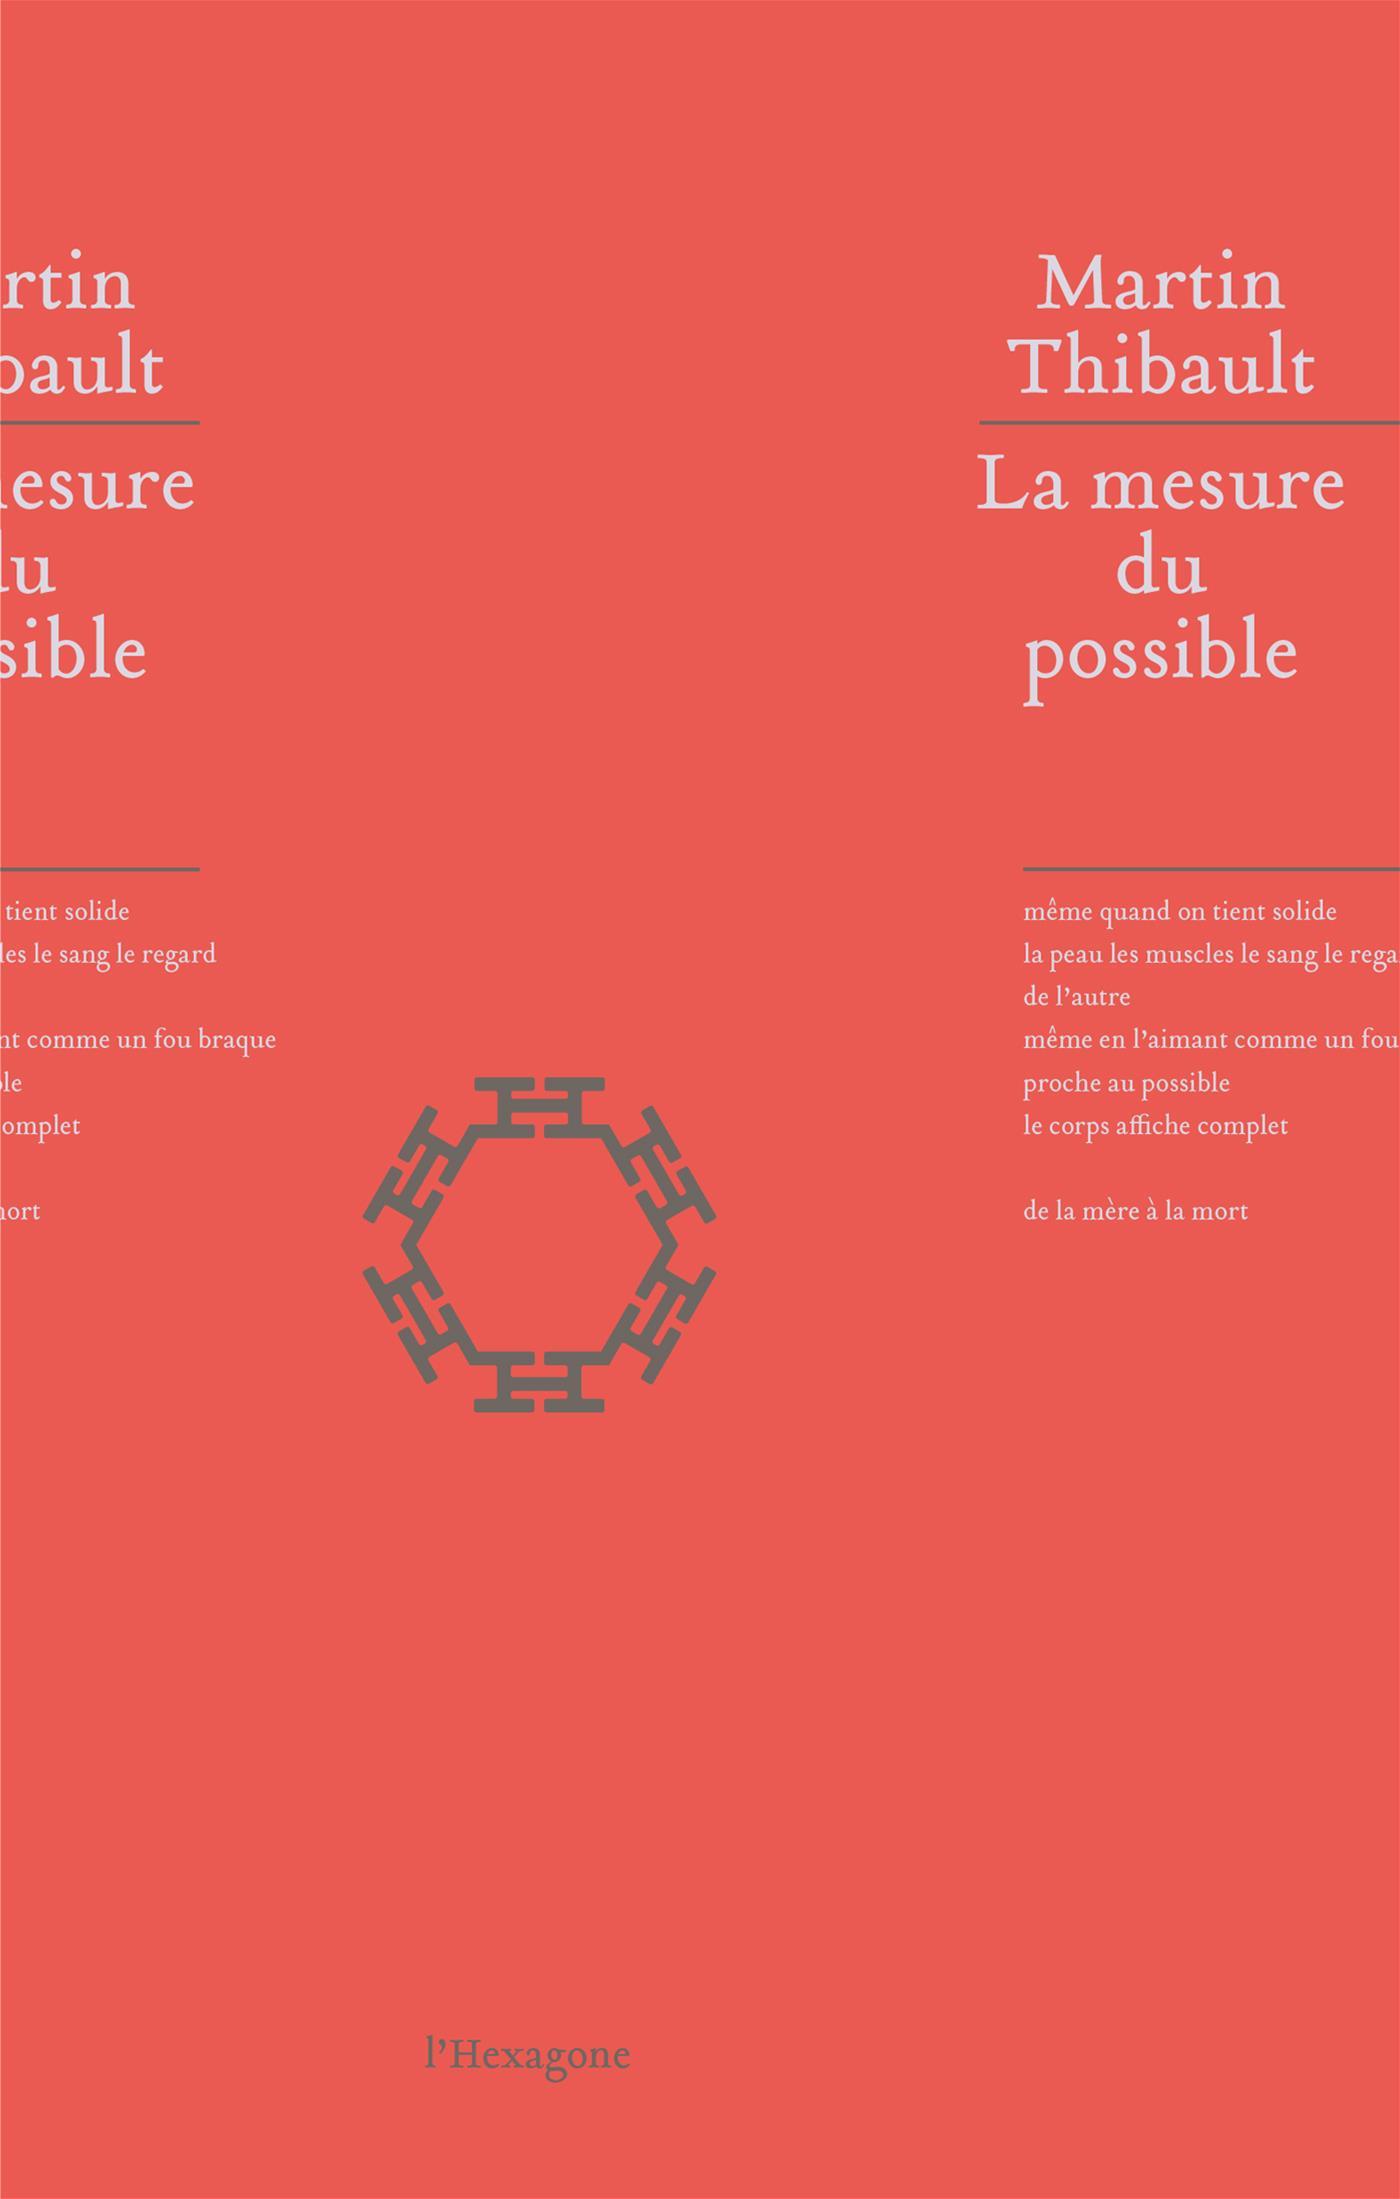 La mesure du possible 64ab8d1b3da